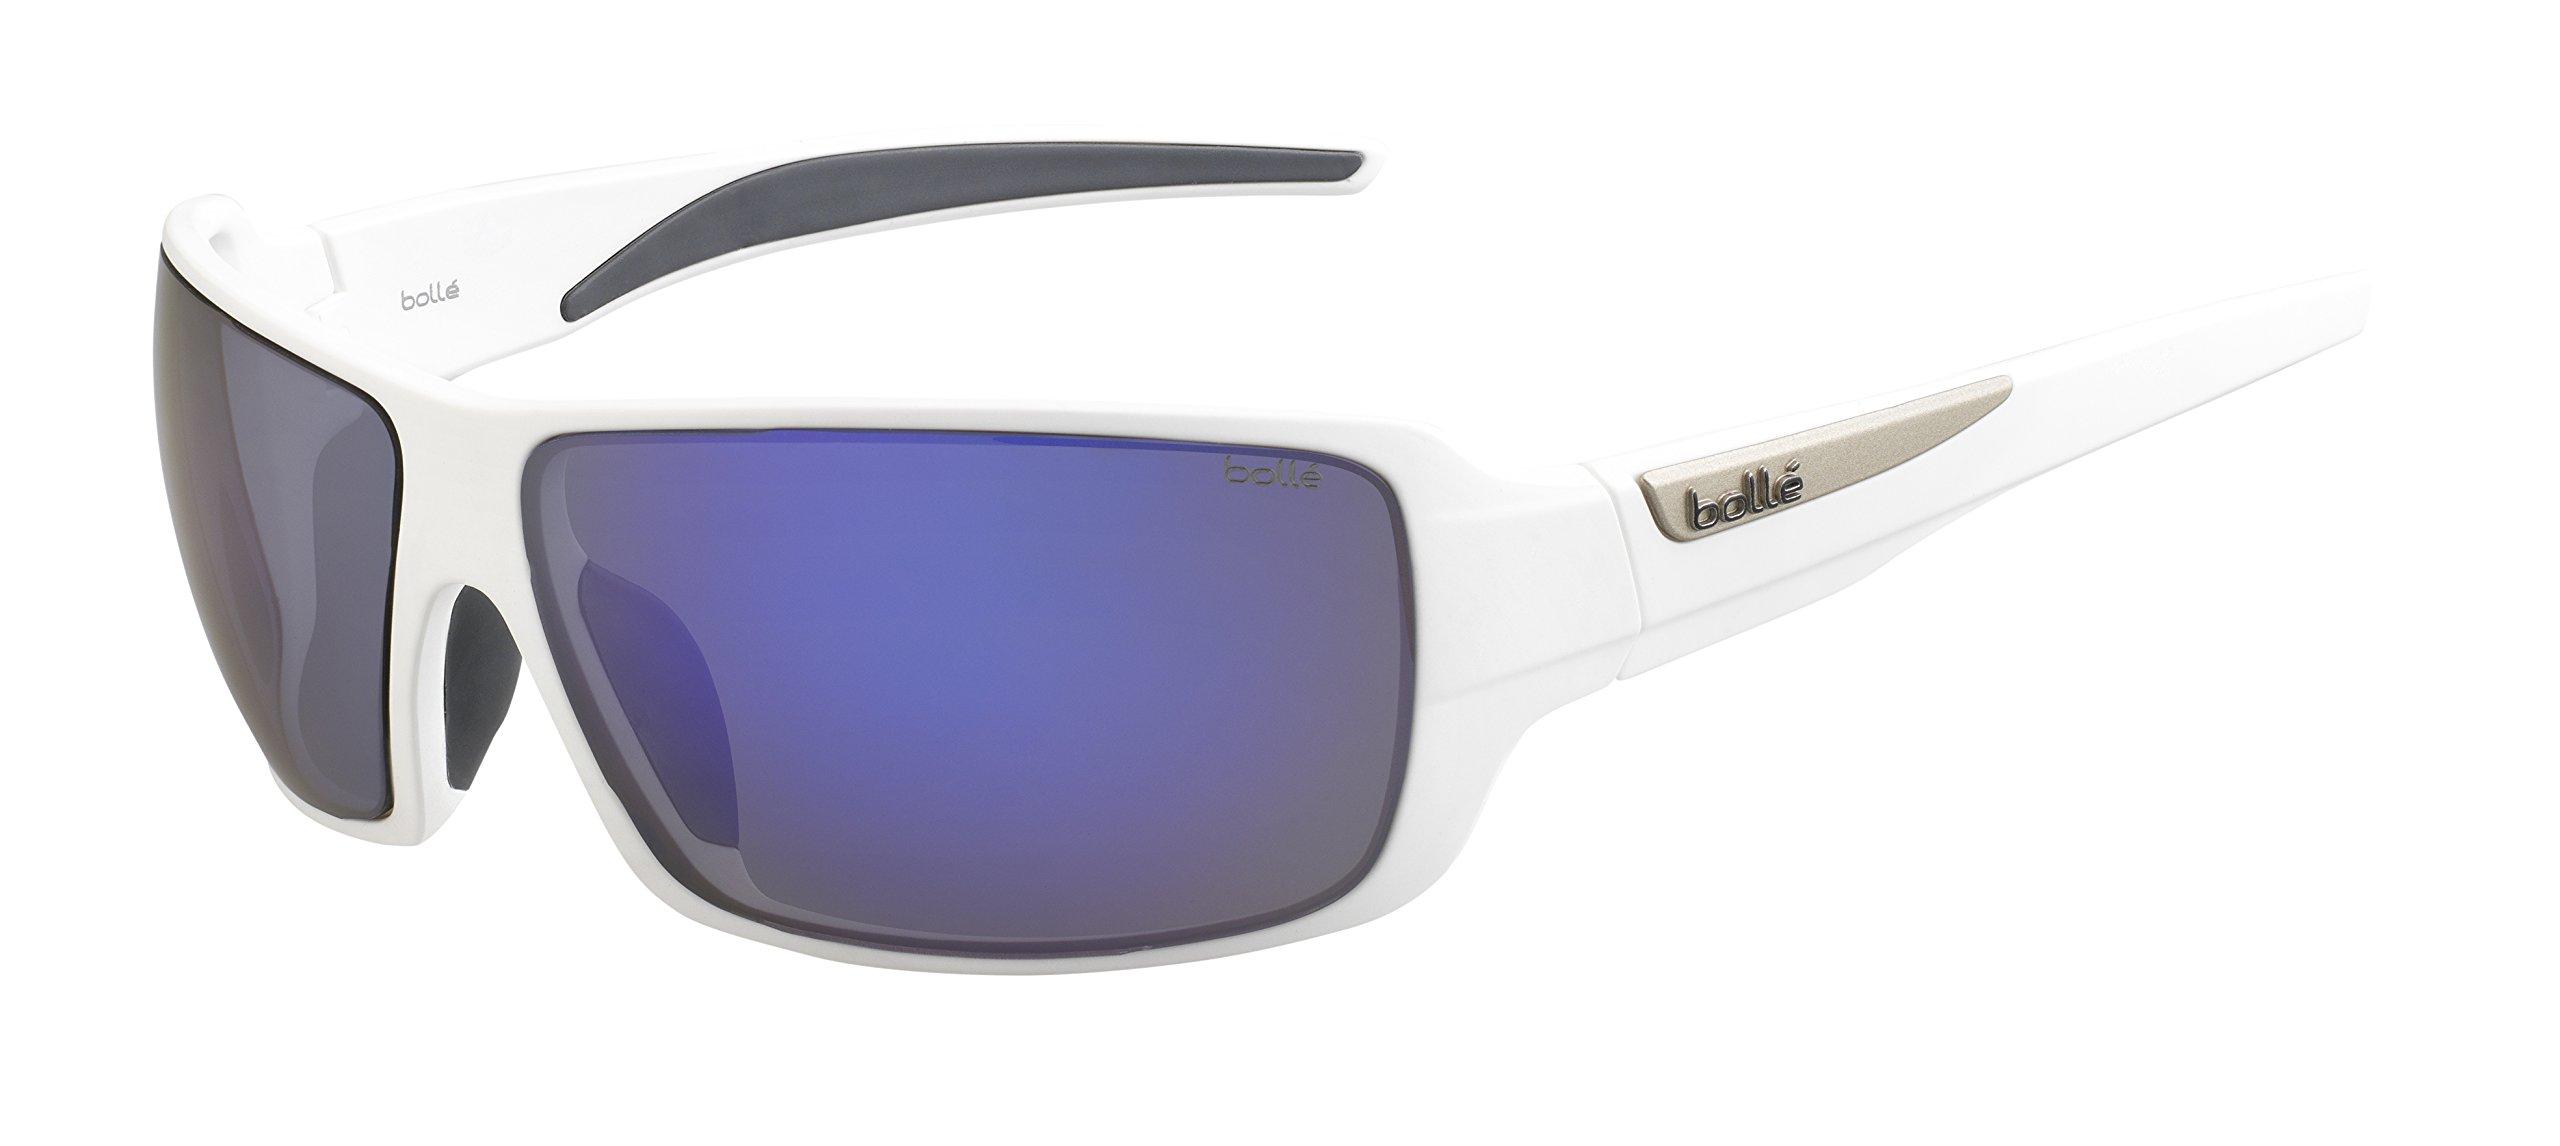 Bolle Cary Sunglasses Matte White, Multi